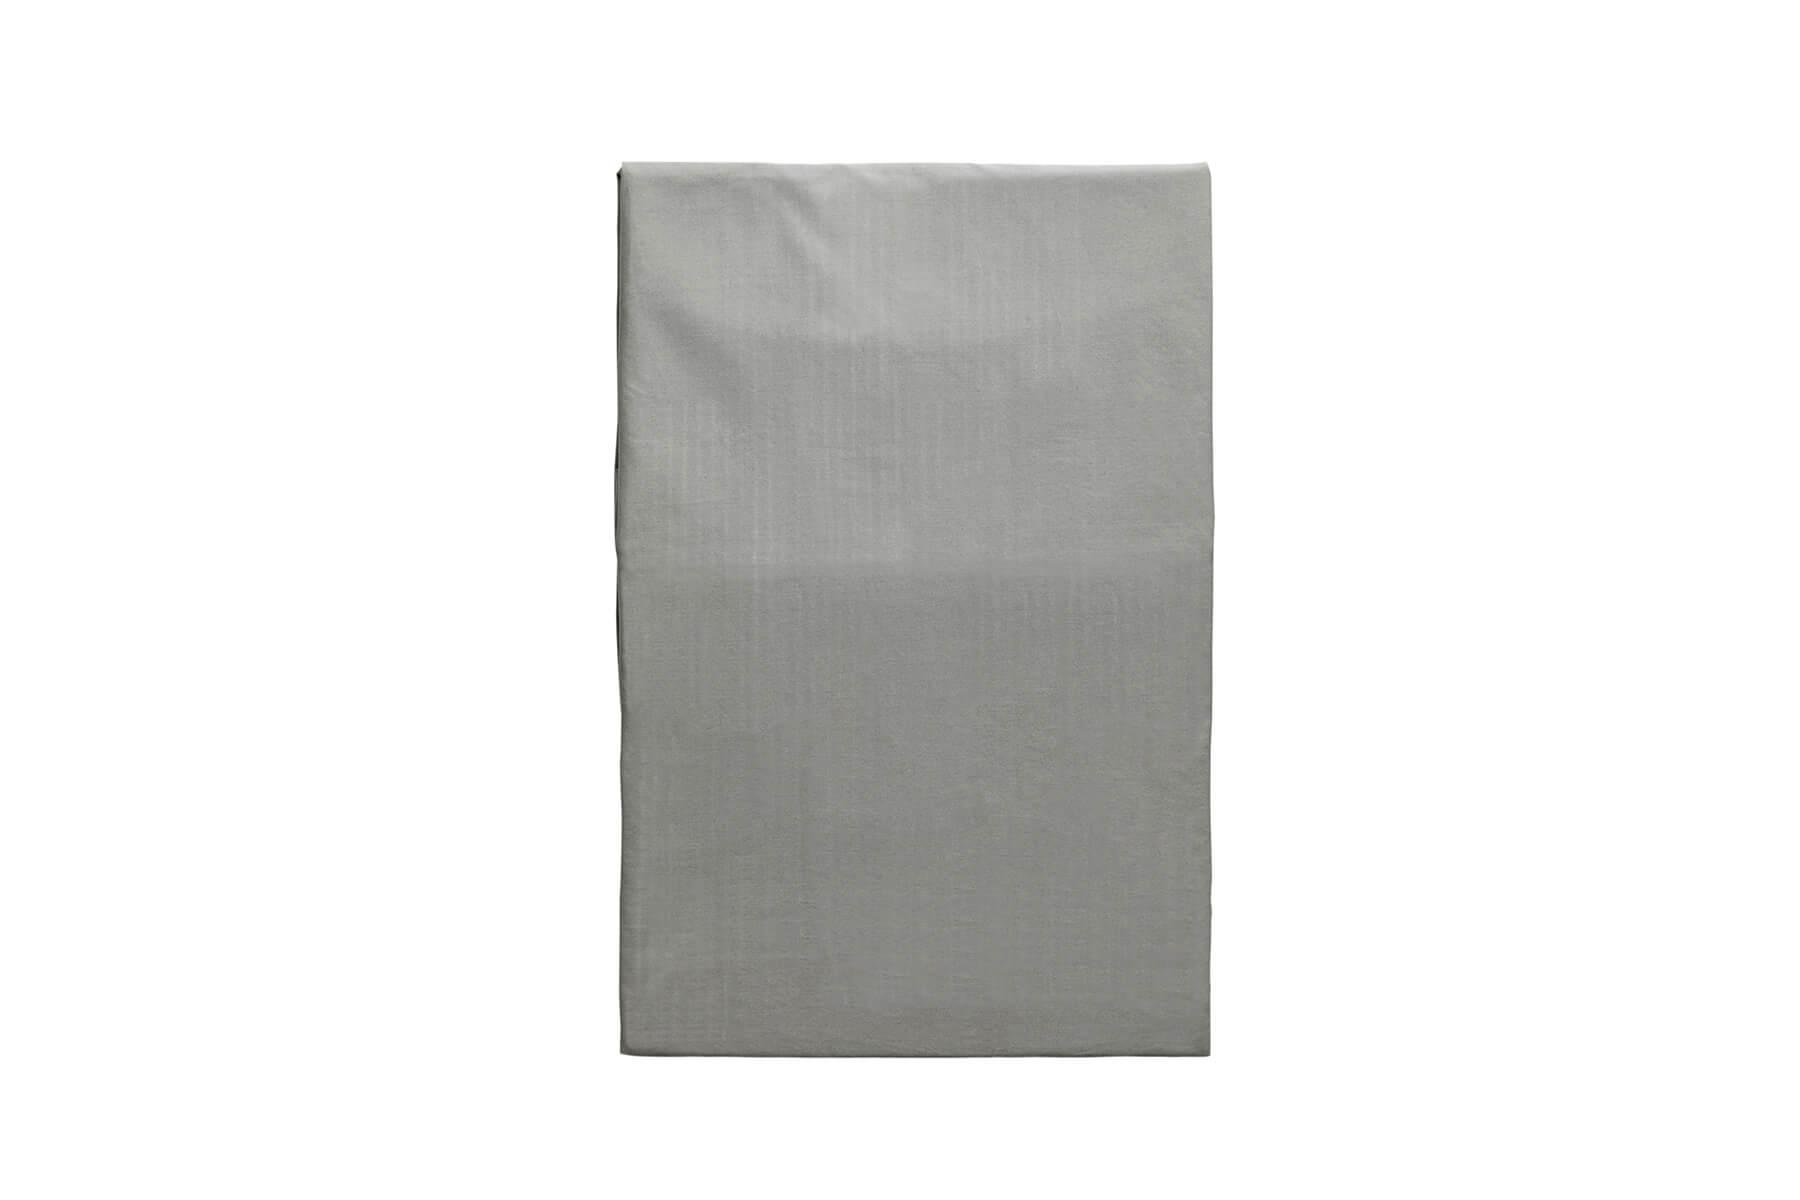 Køb Norhland kuvertlagen GrÃ¥ 105 x 210 cm